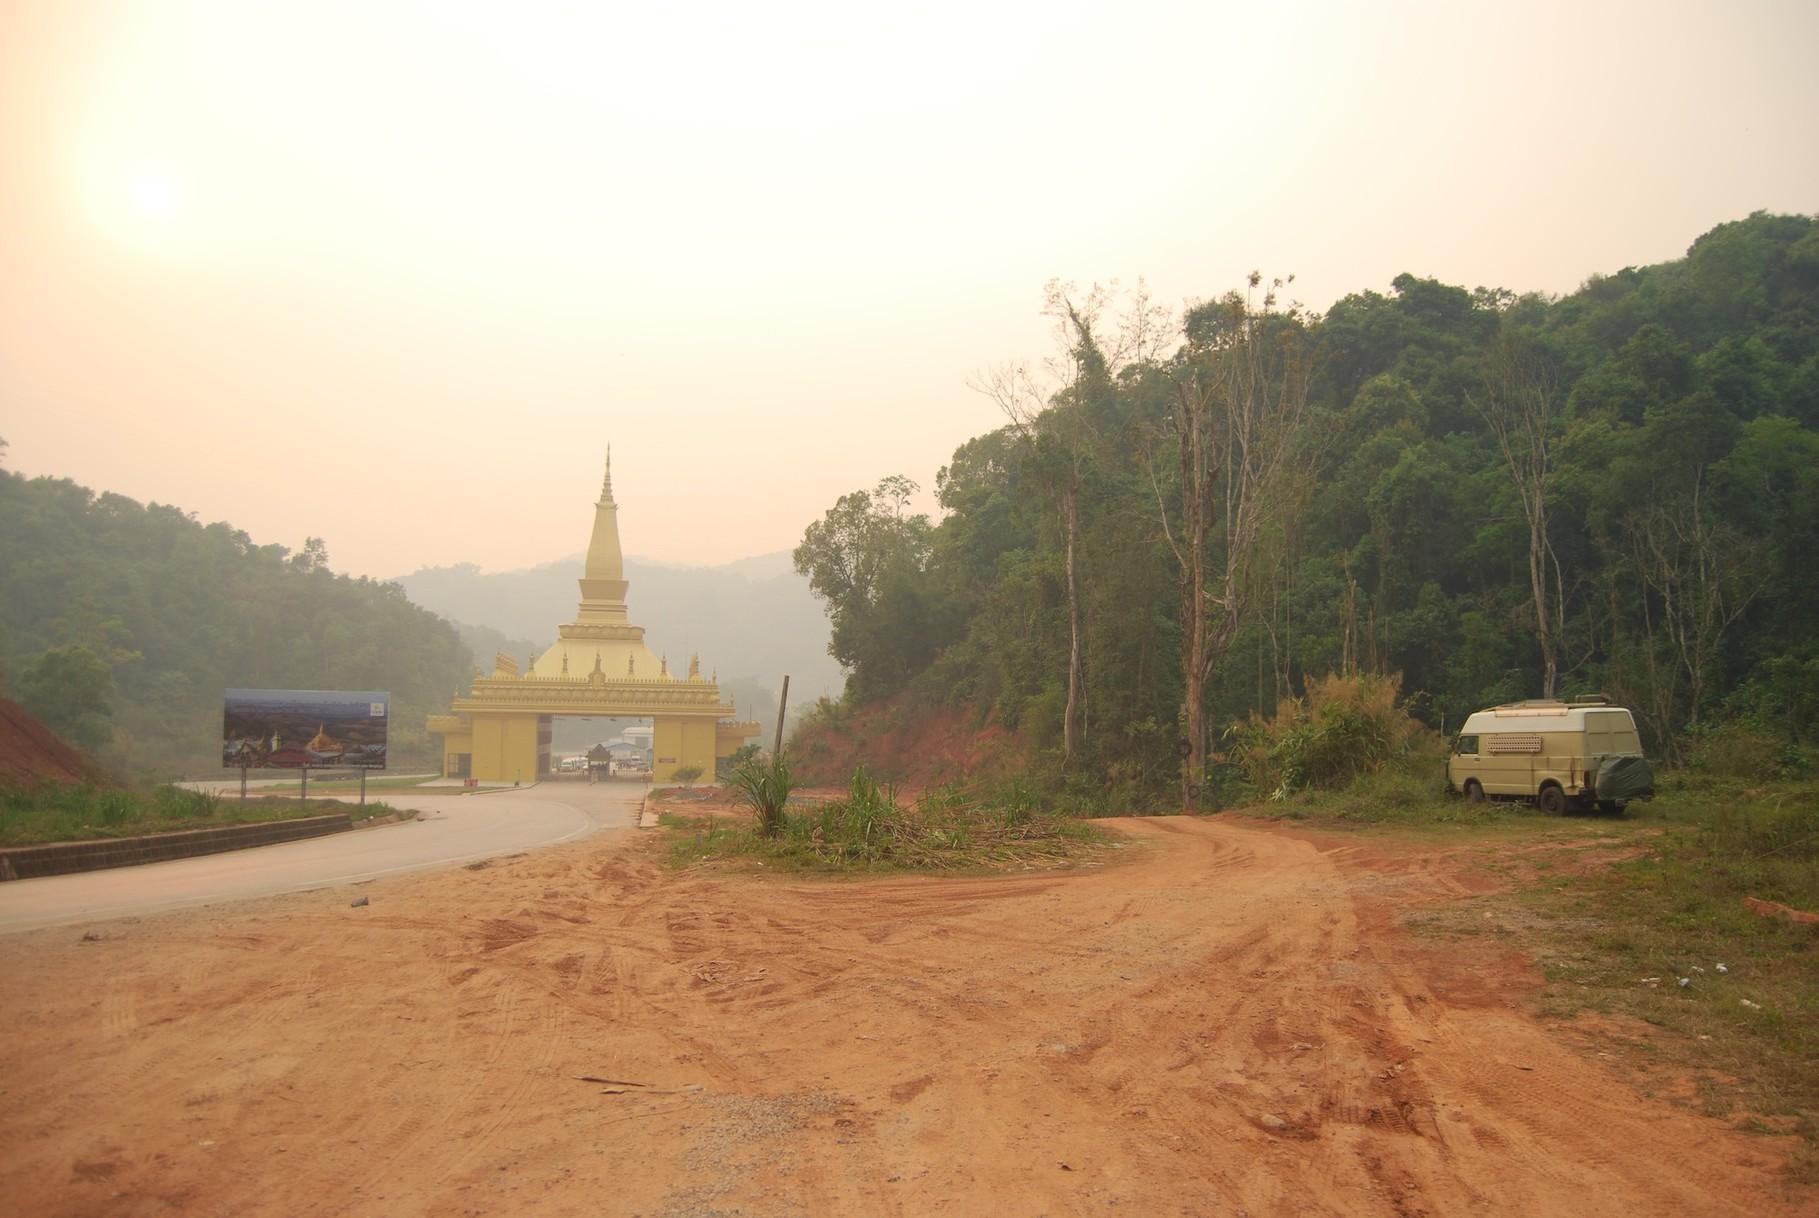 Bye, bye, Laos